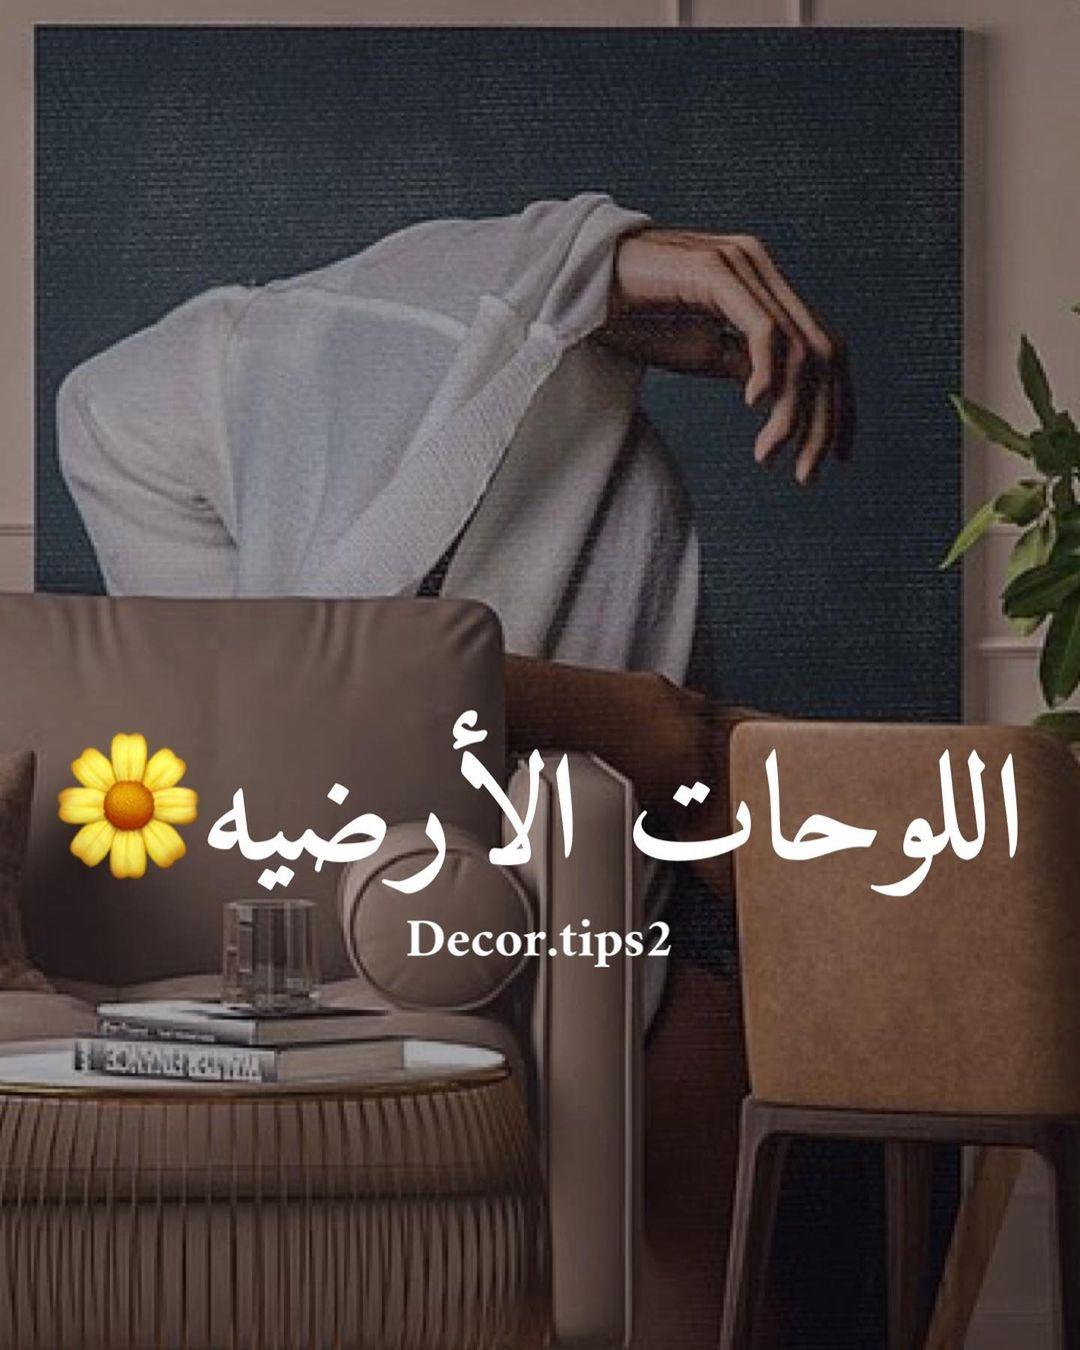 . صباحكم سعاده و رضا يارب الفتره هذي كنت اتابع المصممين الاسبانين والروسيين وابد